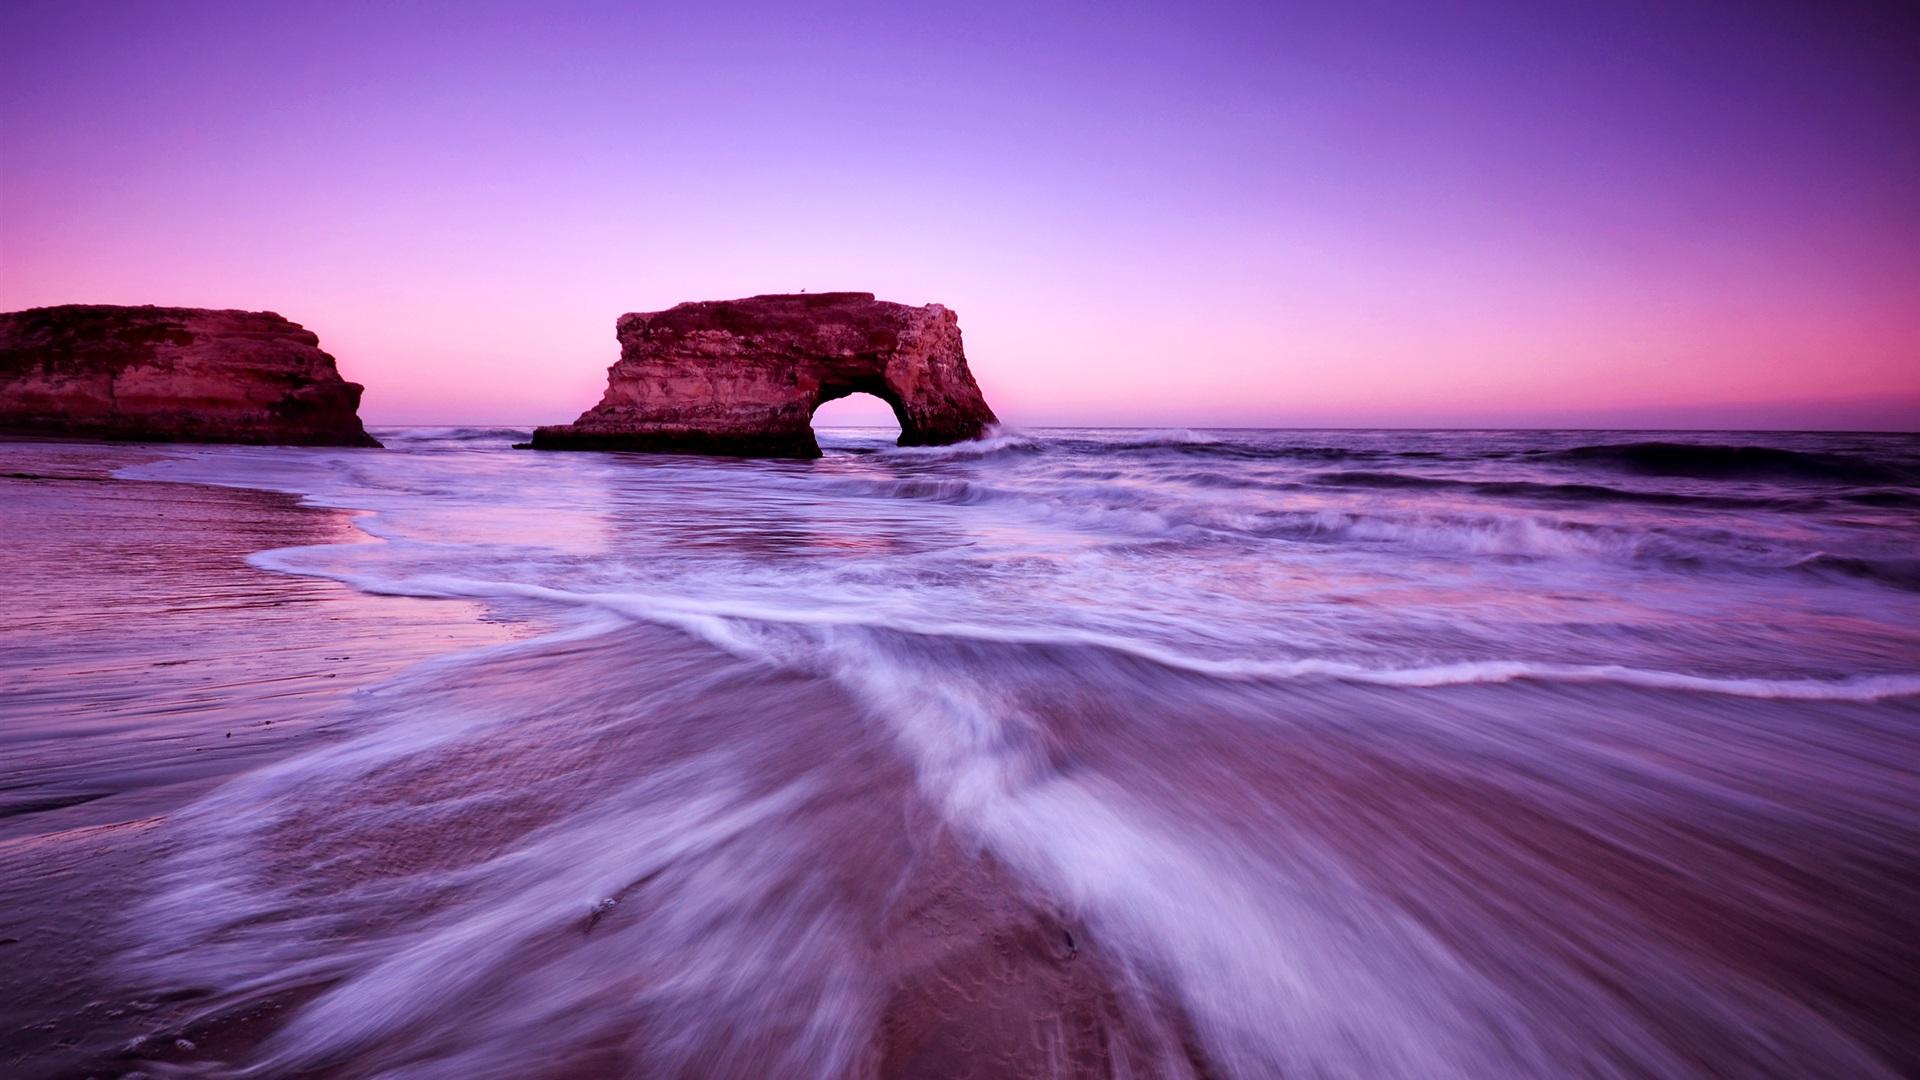 Strand himmel sch nen lila leuchten 2560x1600 hd for Immagini hd apple